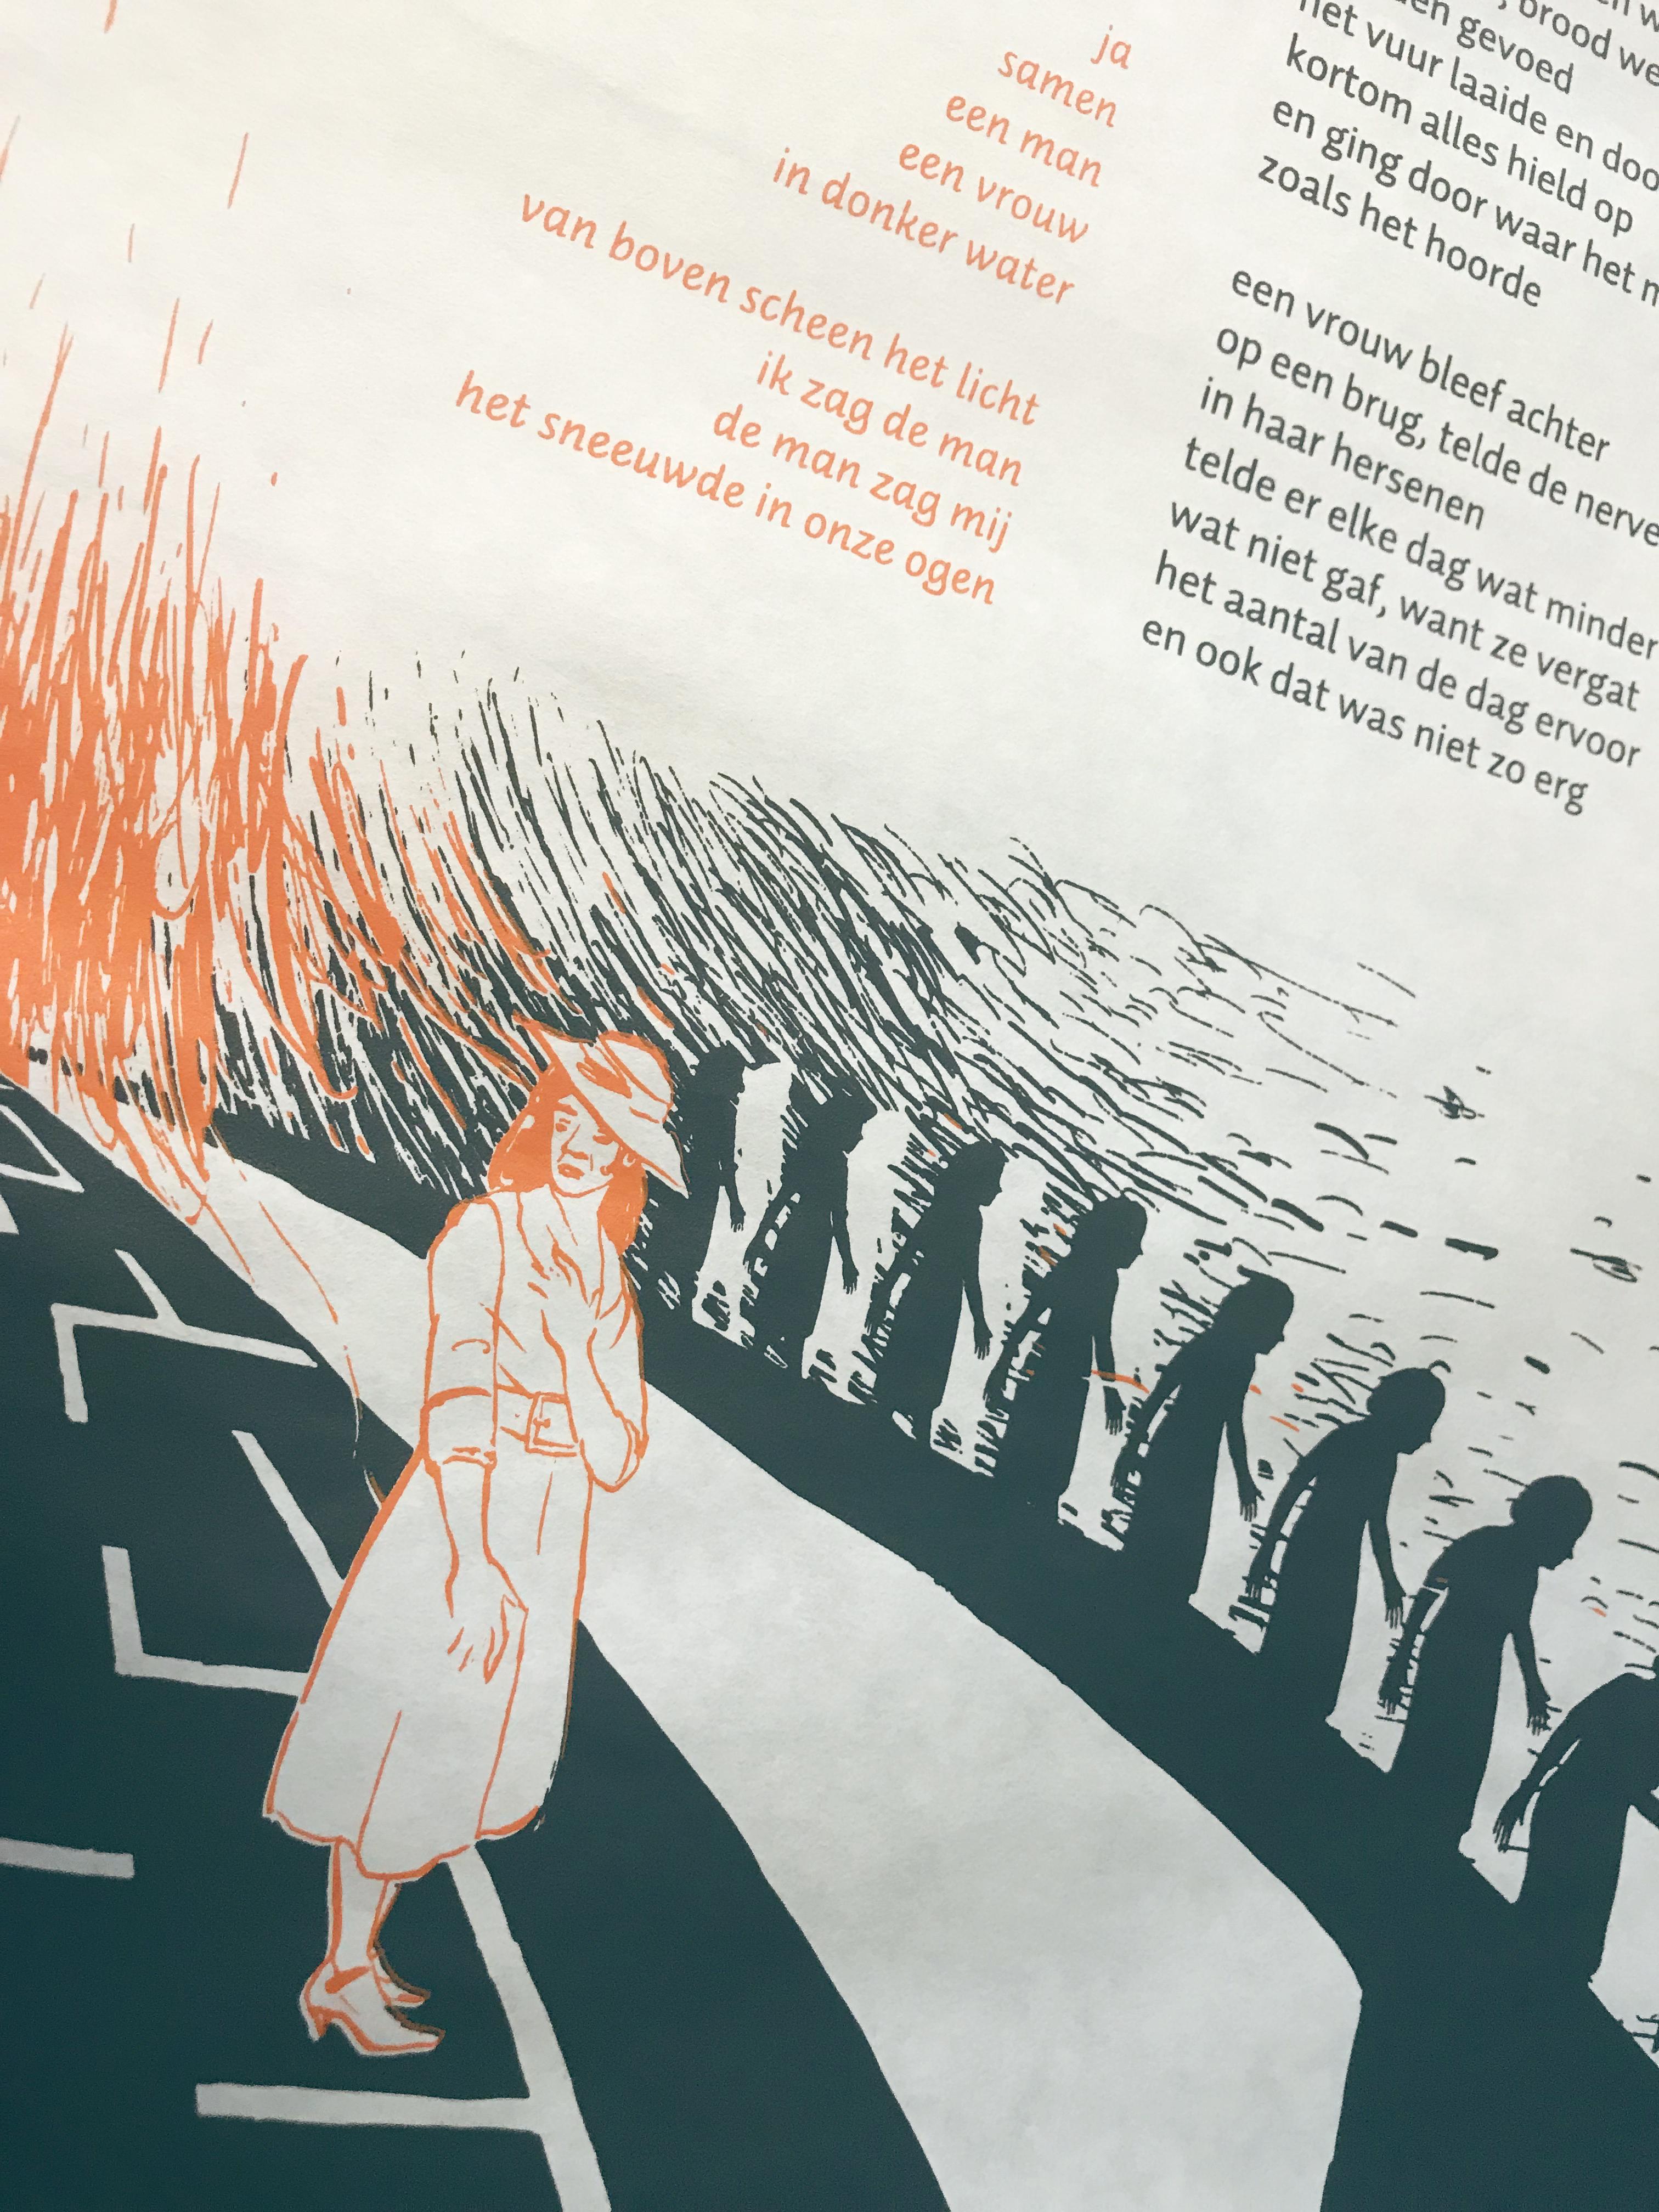 Screen print poetry-Detail looking back